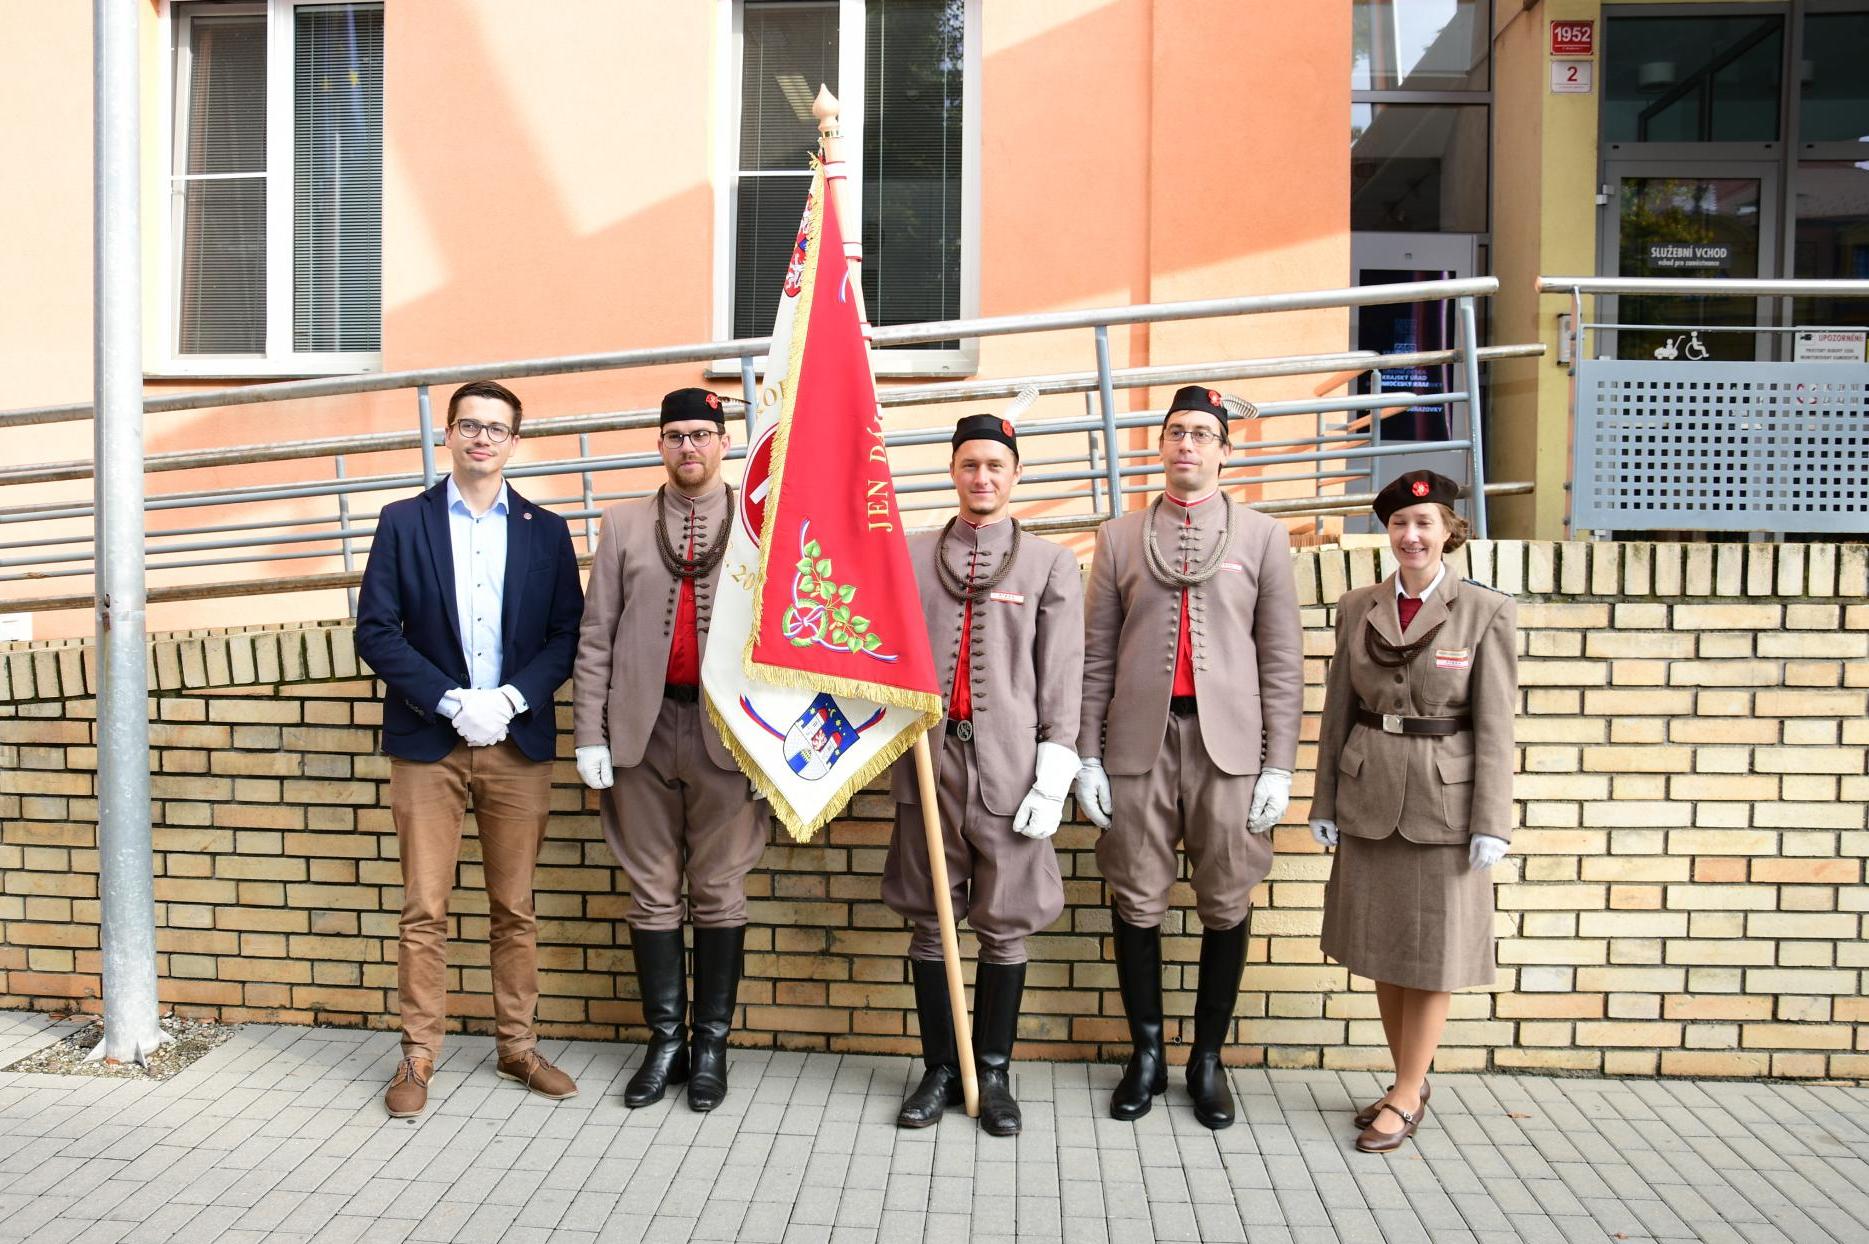 Před krajským úřadem opět vlaje sokolská vlajka